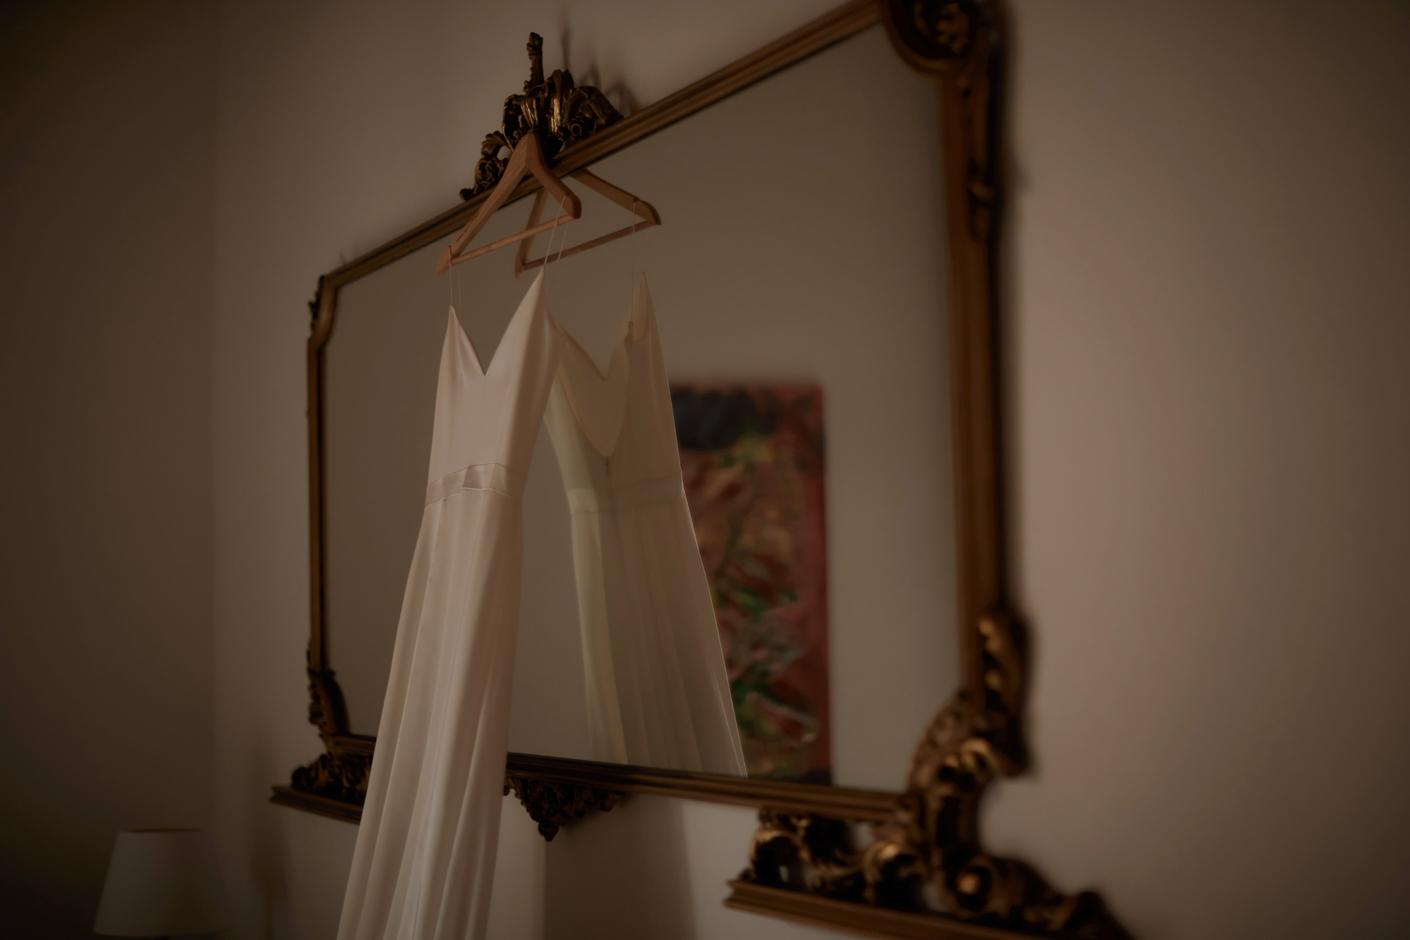 dettagli della camera della sposa presso l'albergo diffuso Mannois